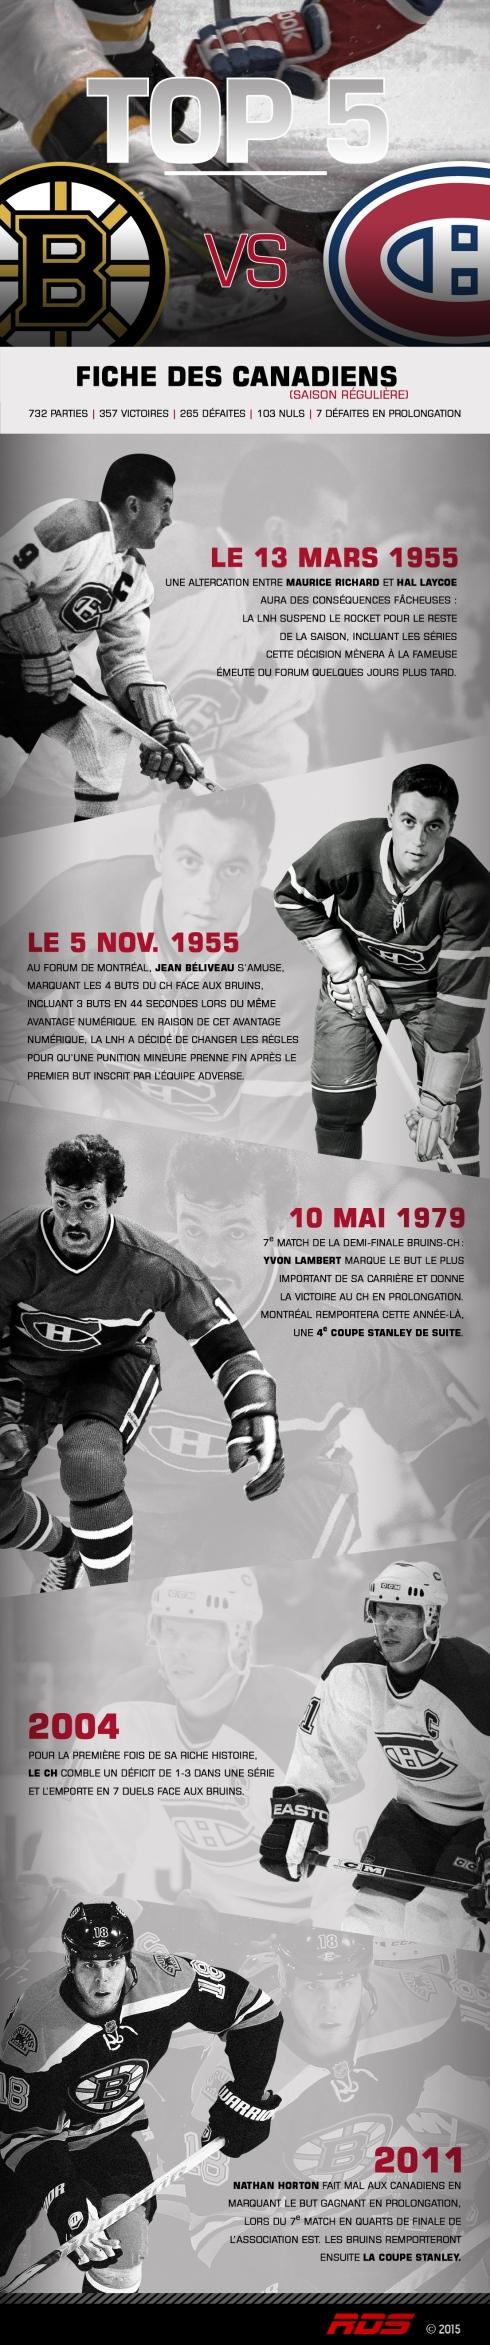 Top 5 faits marquants Bruins vs Canadiens